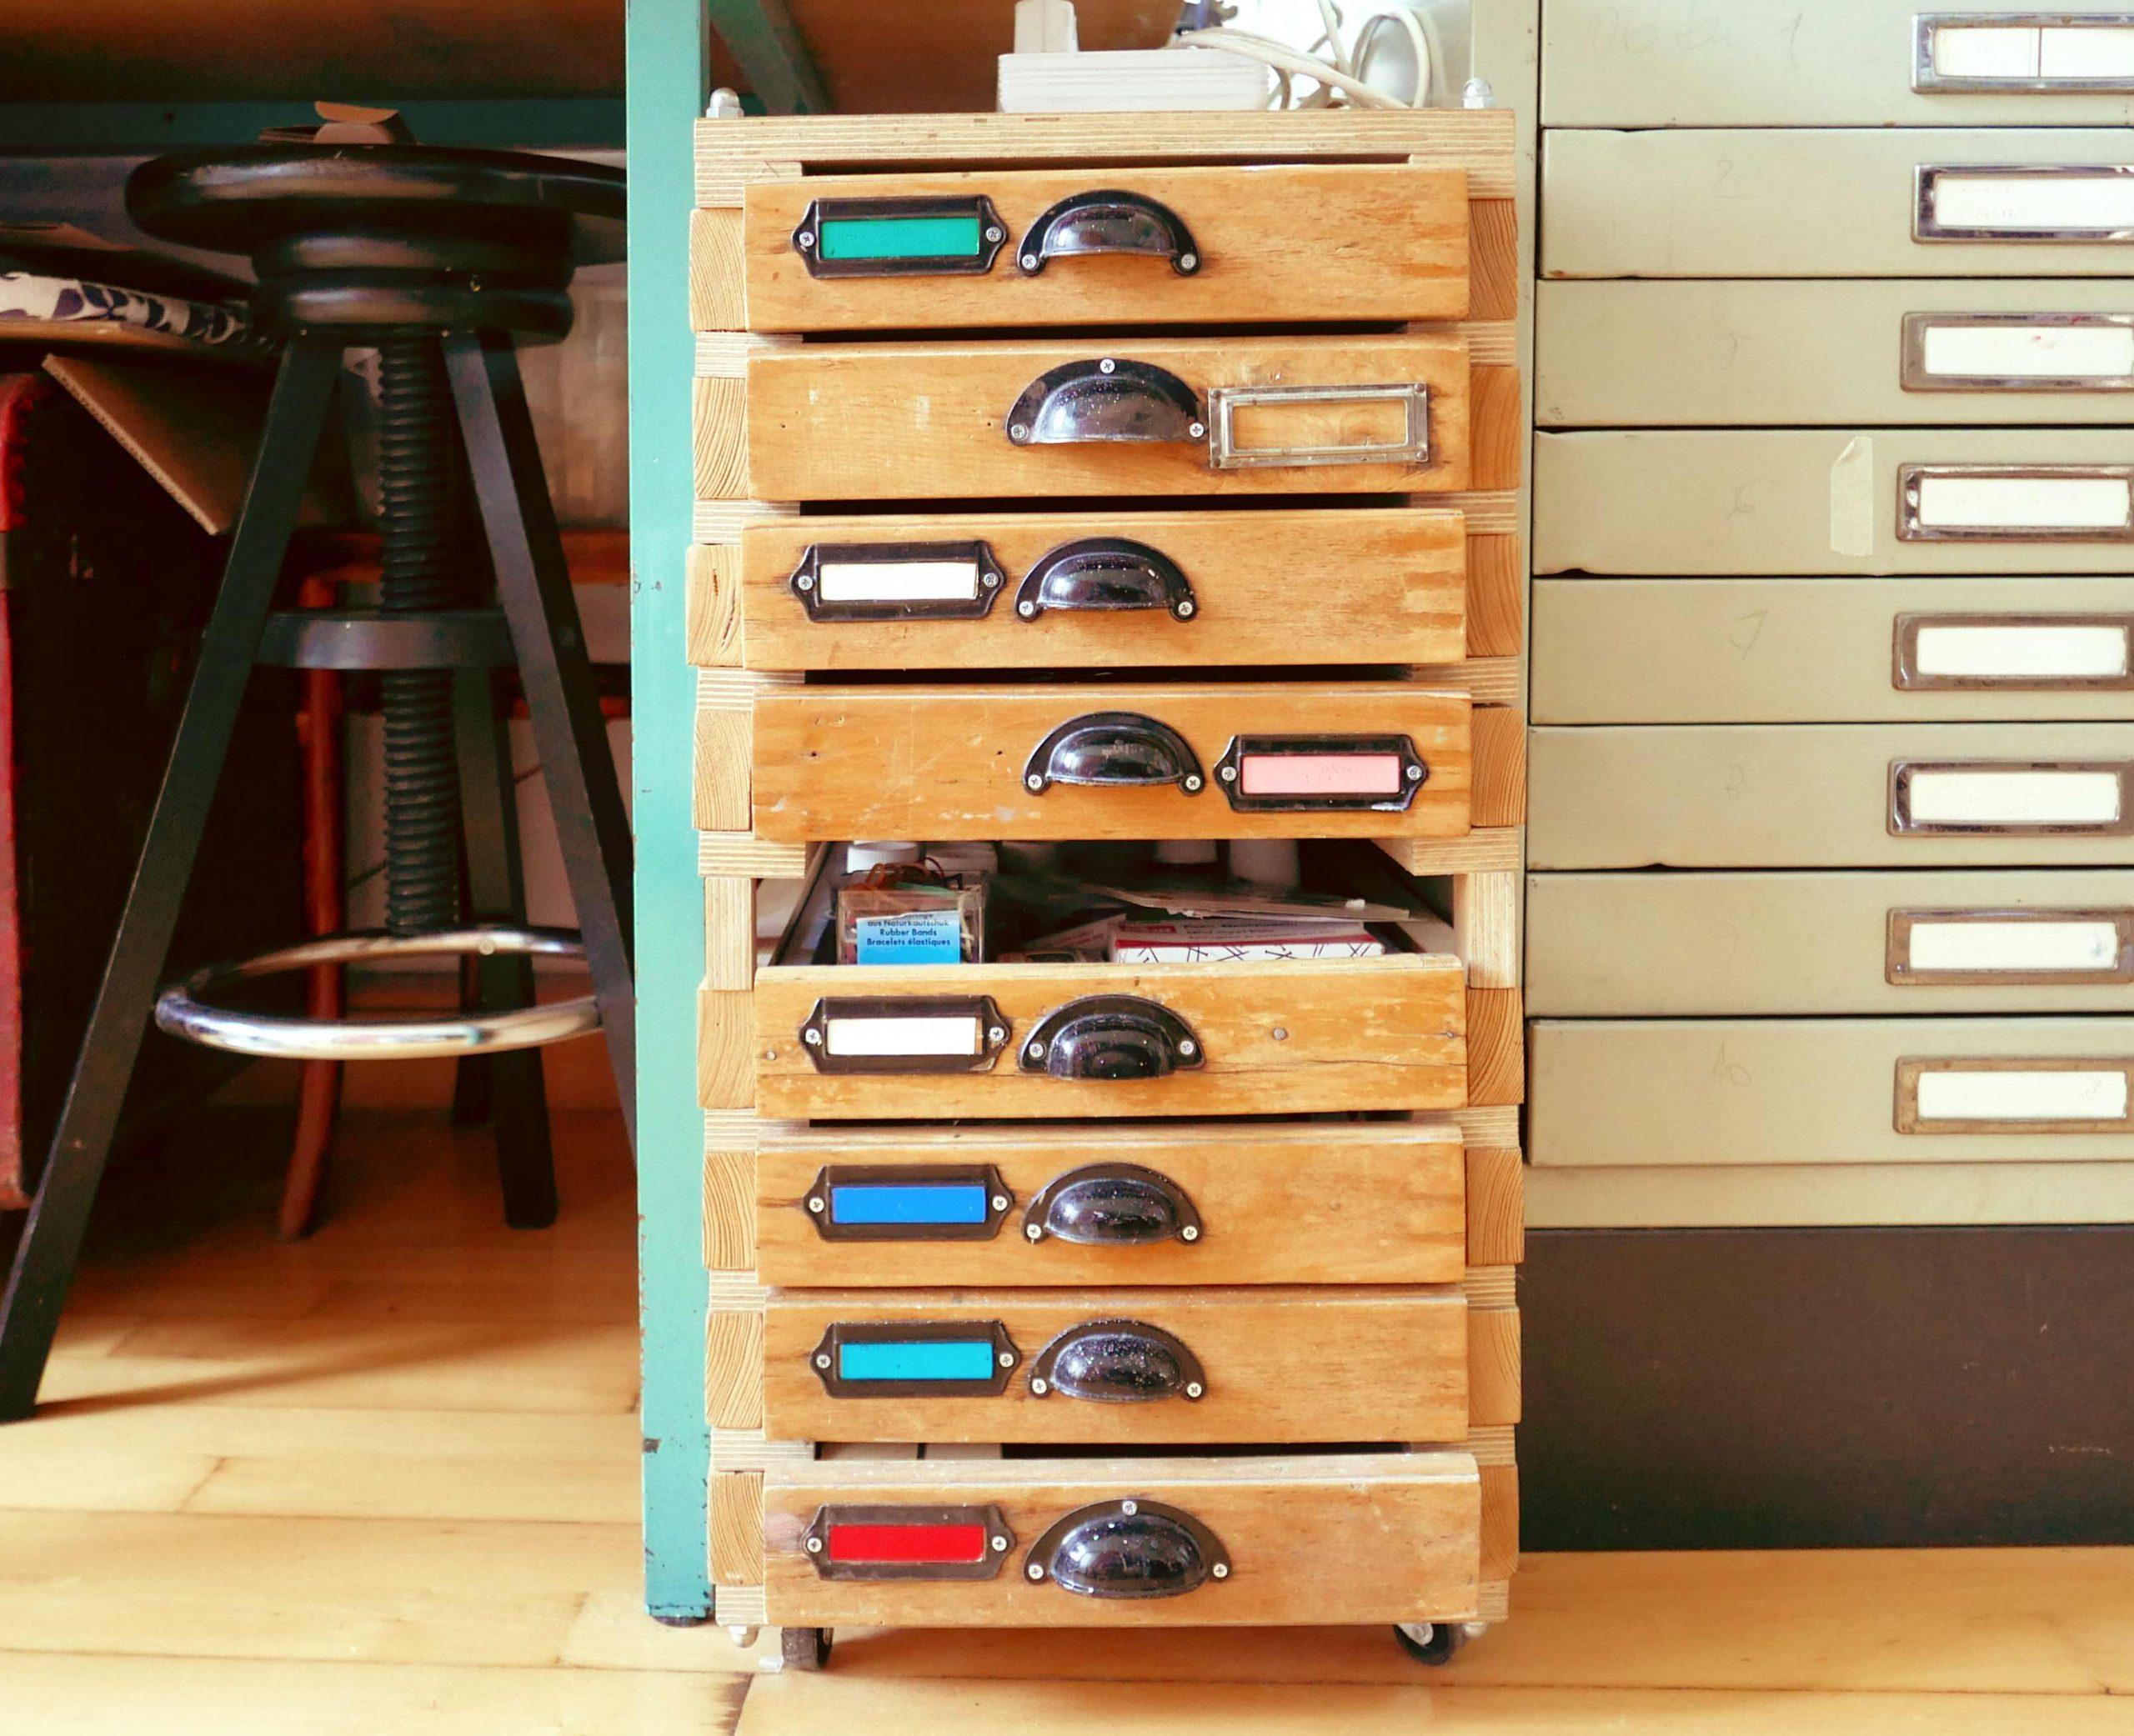 Schubladenschrank selbstgebaut mit Bleisatzschubladen Provisorium das hält und hält und bleibt